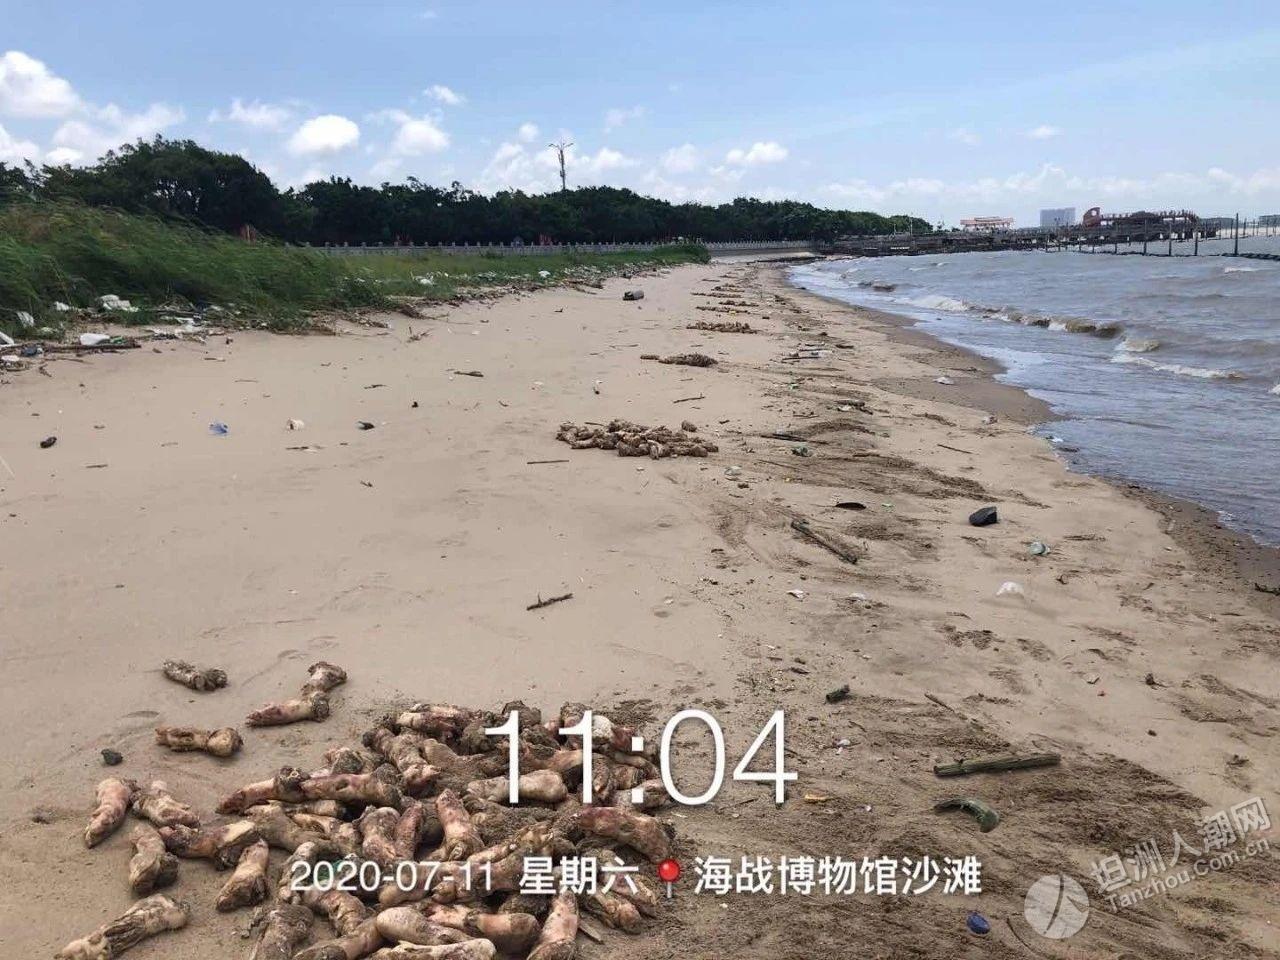 来源初步查清!东莞海滩惊现上万只猪蹄,部分腐烂发臭